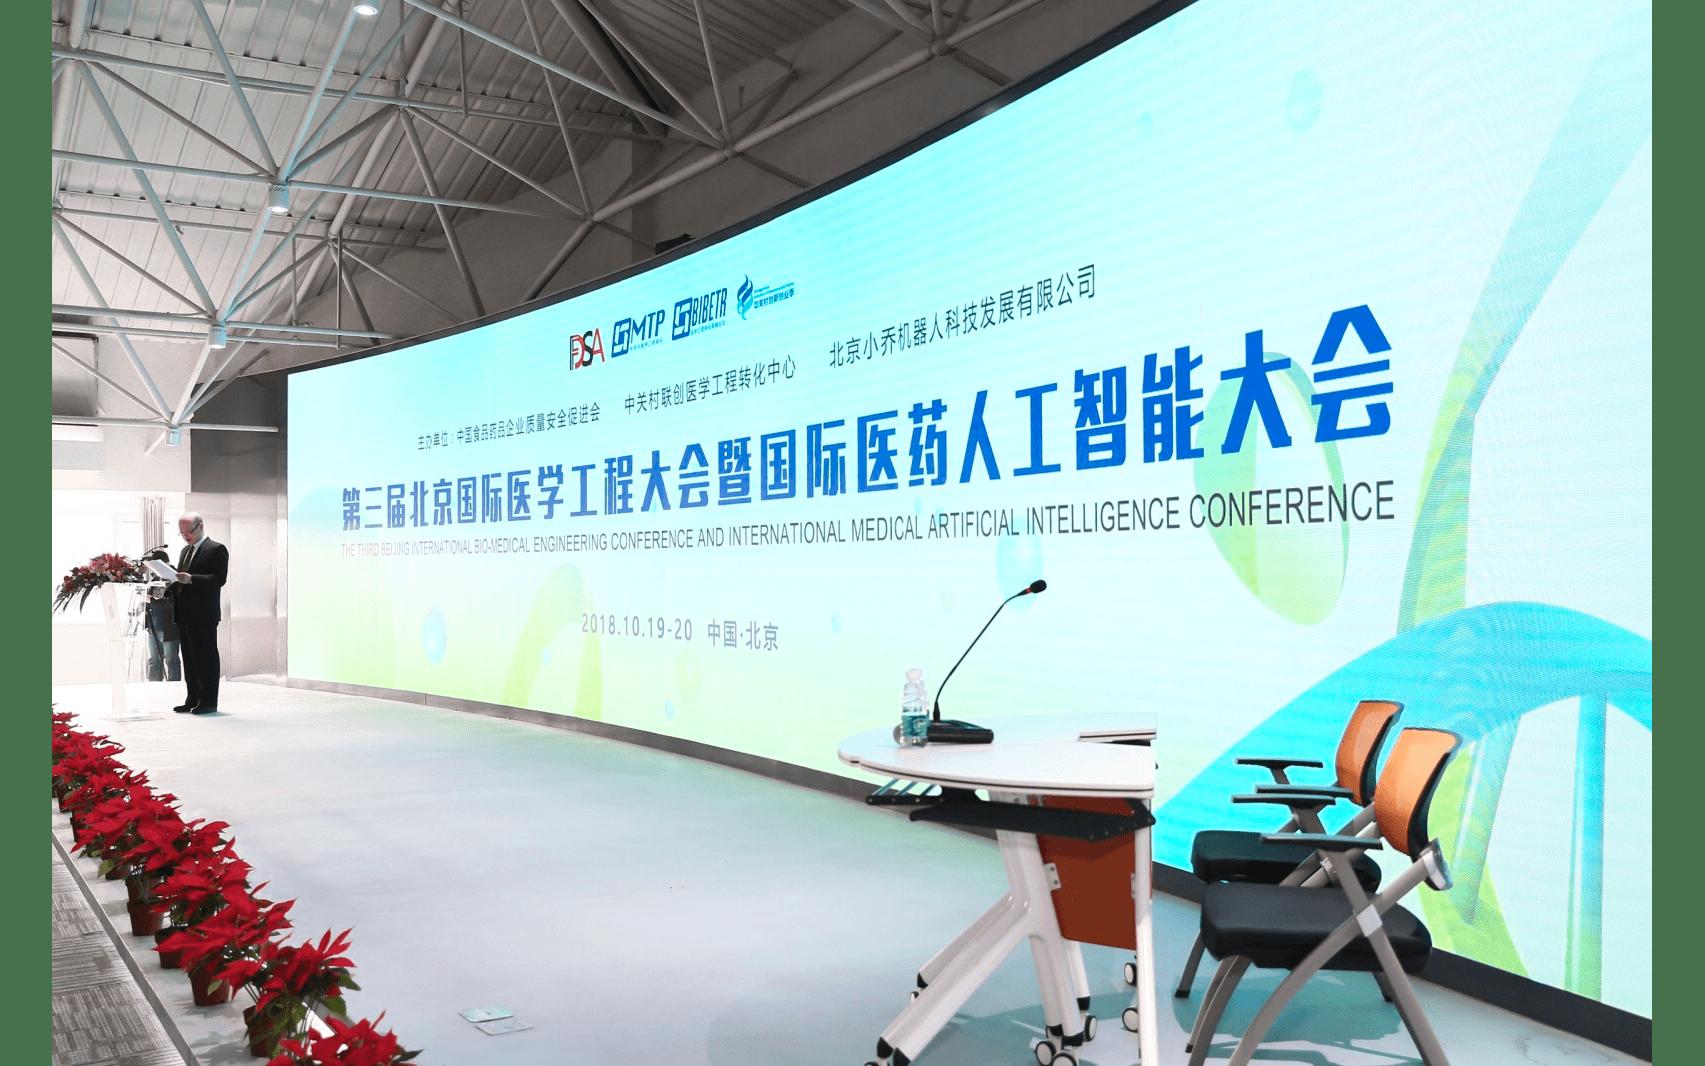 2019第四届北京国际医学工程大会暨2019中日智慧健康论坛